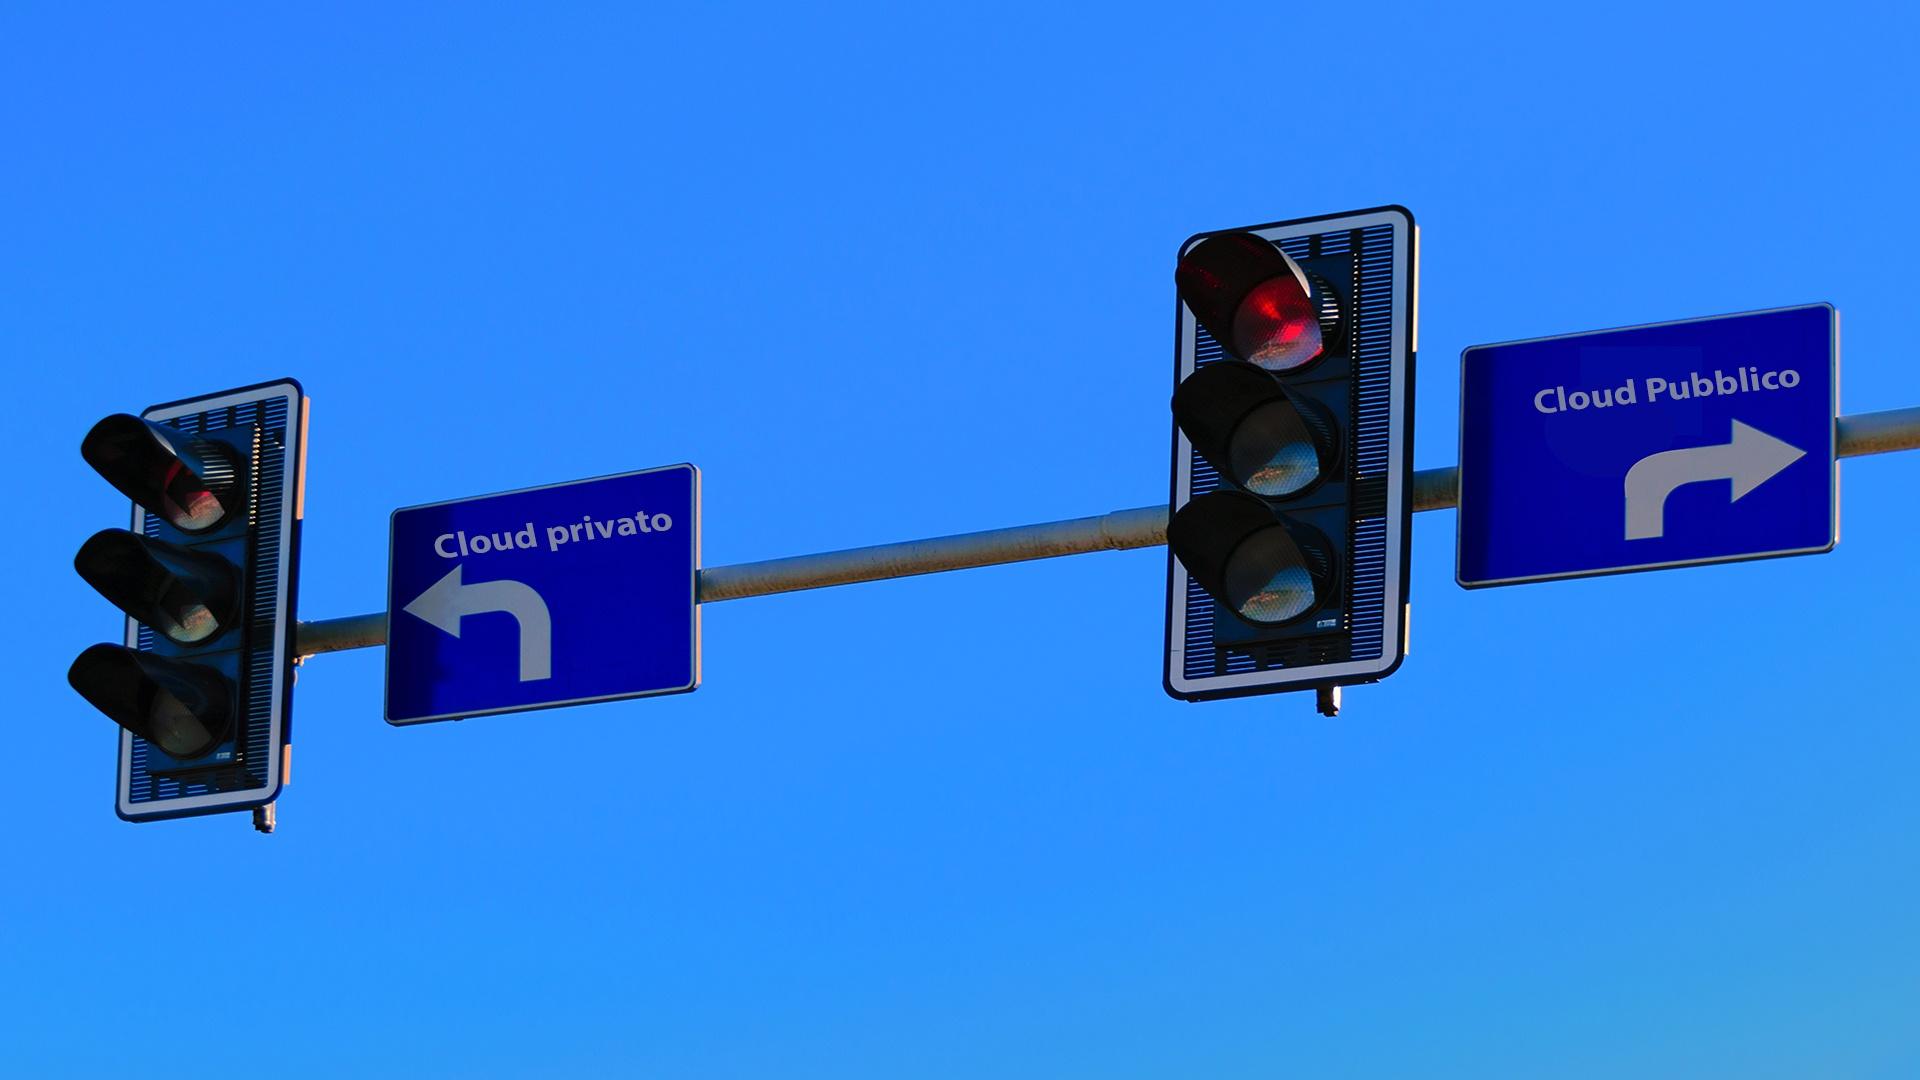 Cloud pubblico o Cloud privato